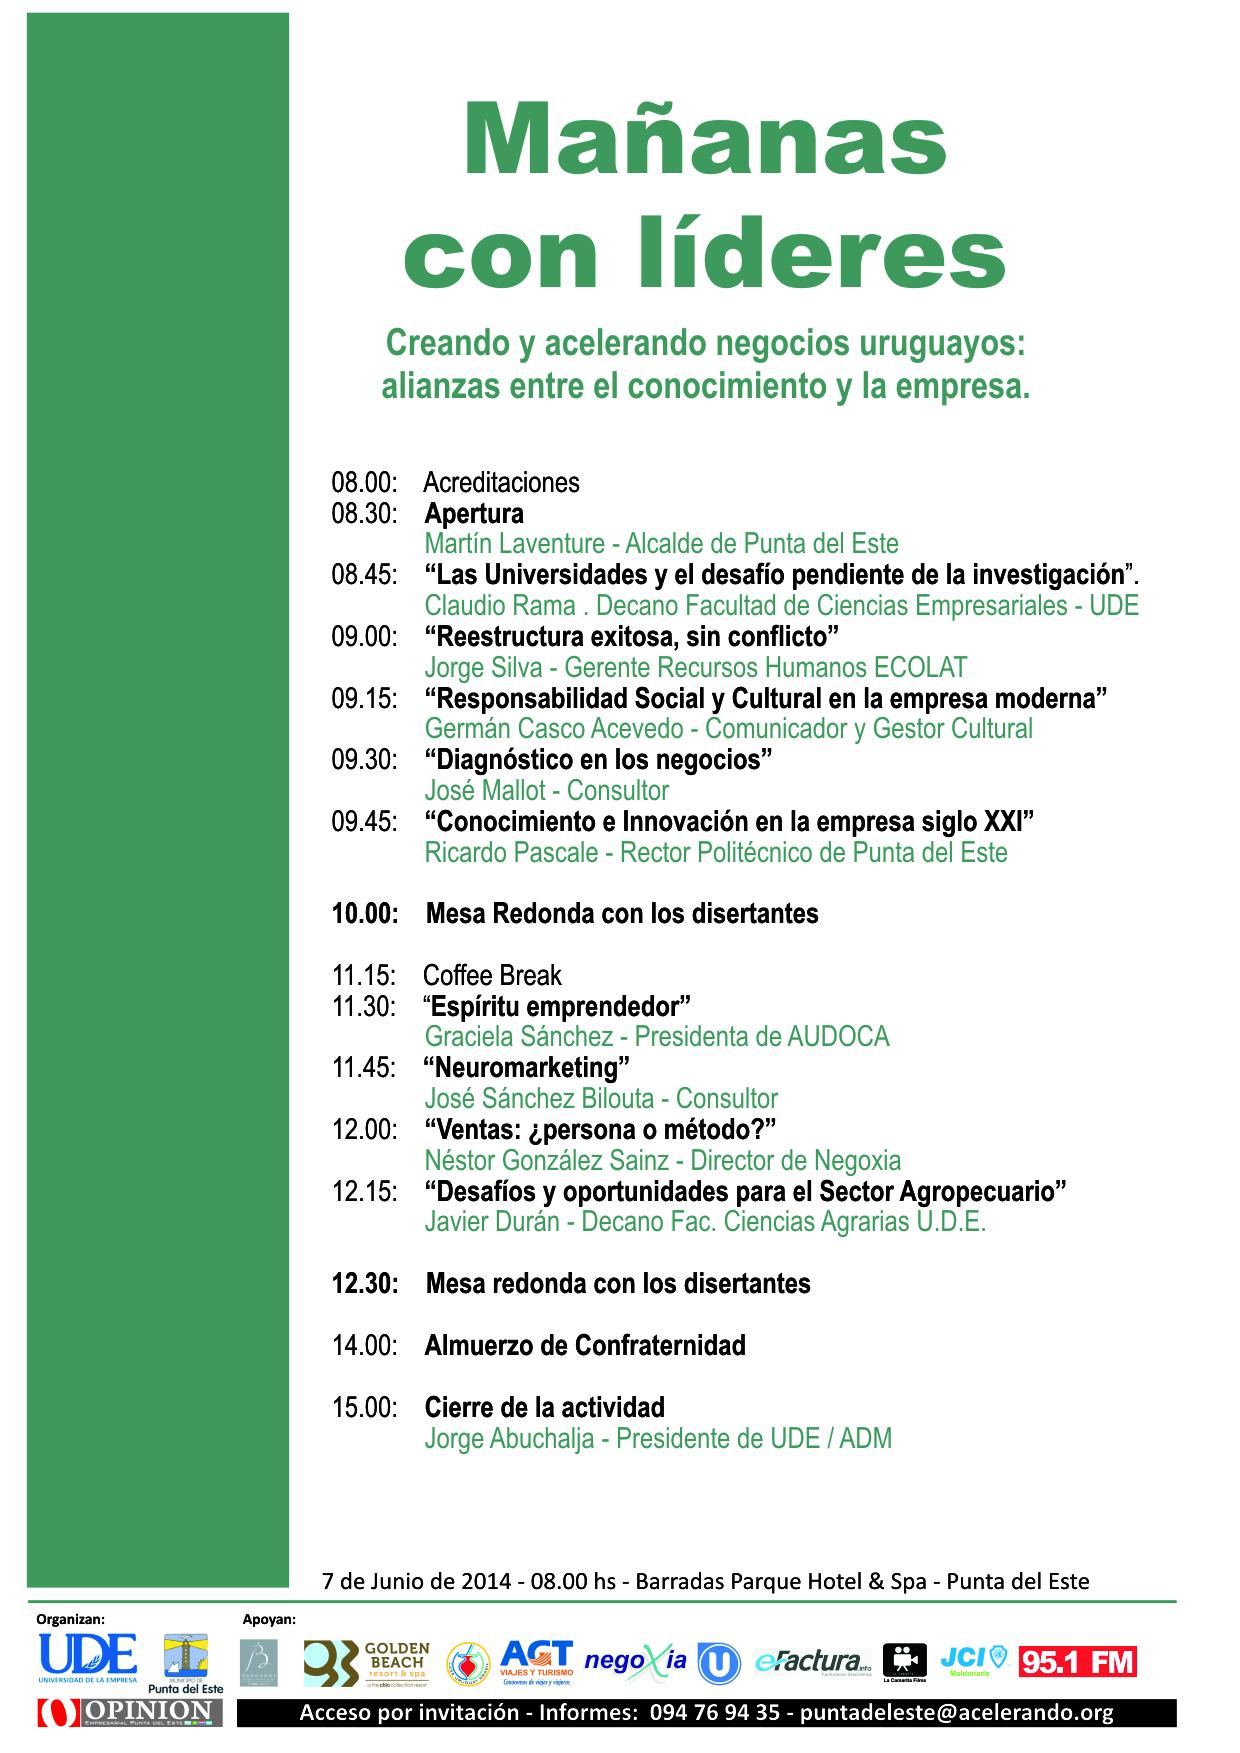 Programa mañanas con líderes :: alianzas entre conocimiento y empresas - Apoya eFactura: Facturación electrónica en Uruguay